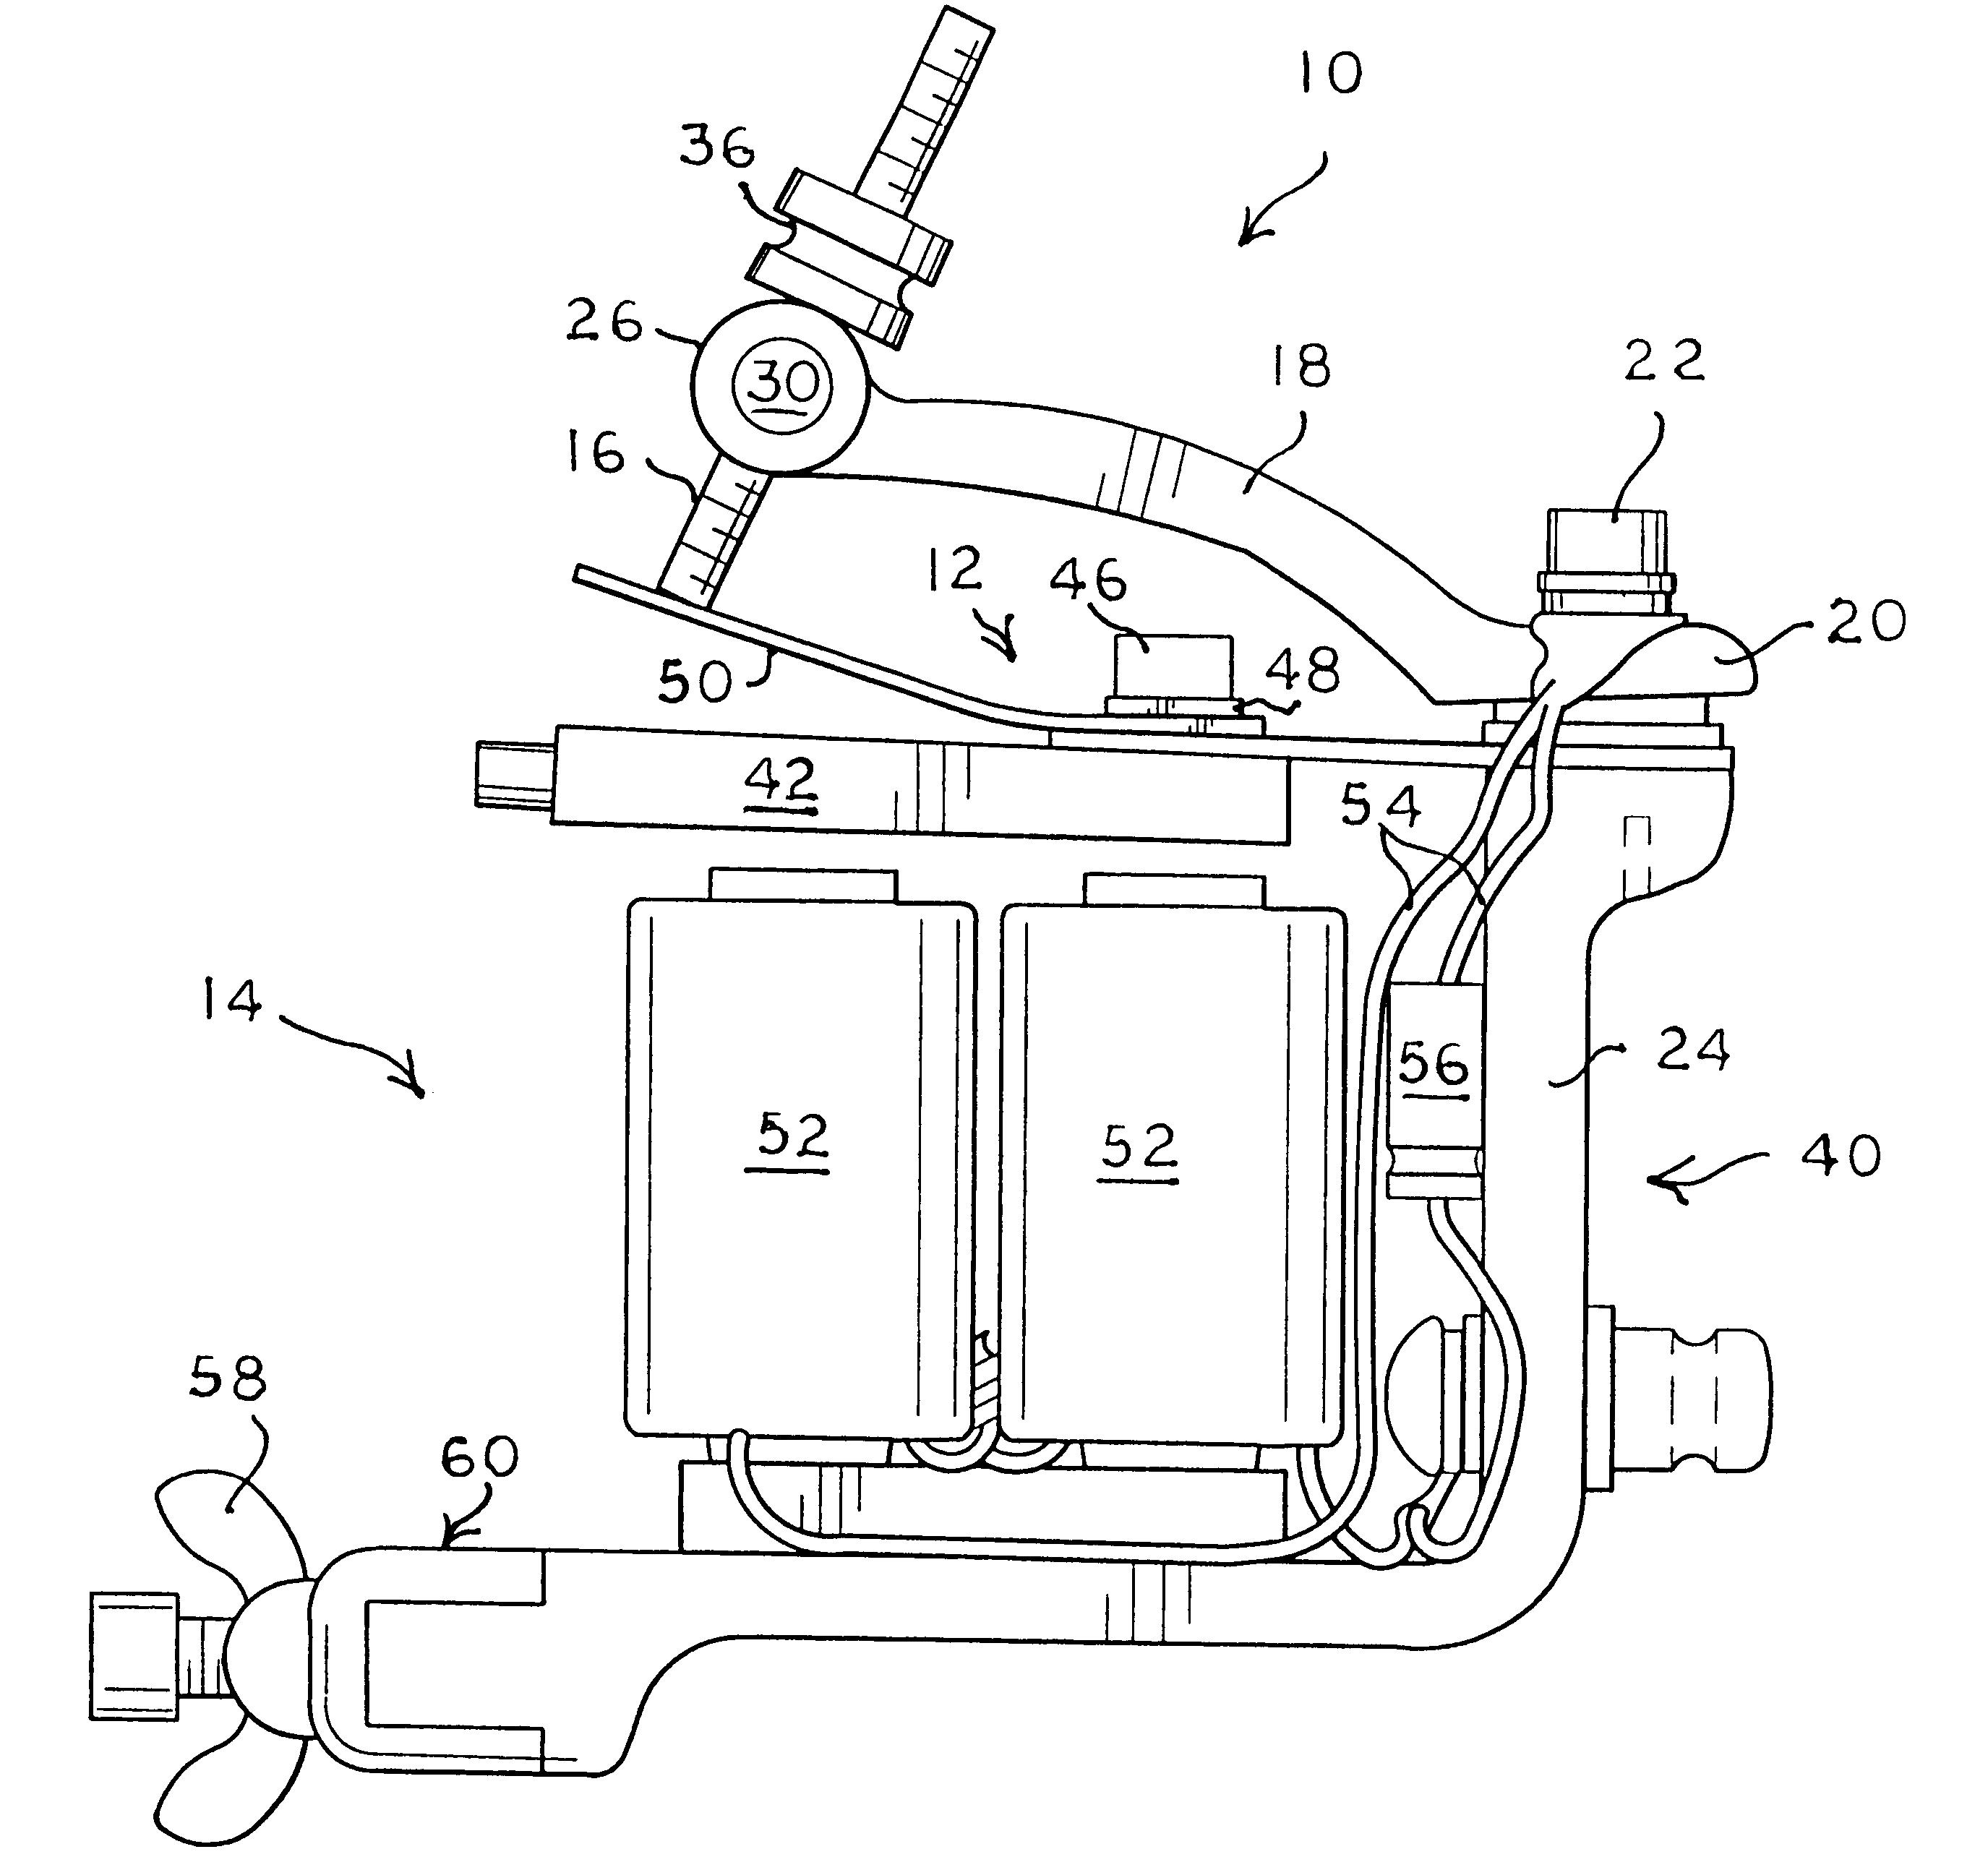 patent us6282987